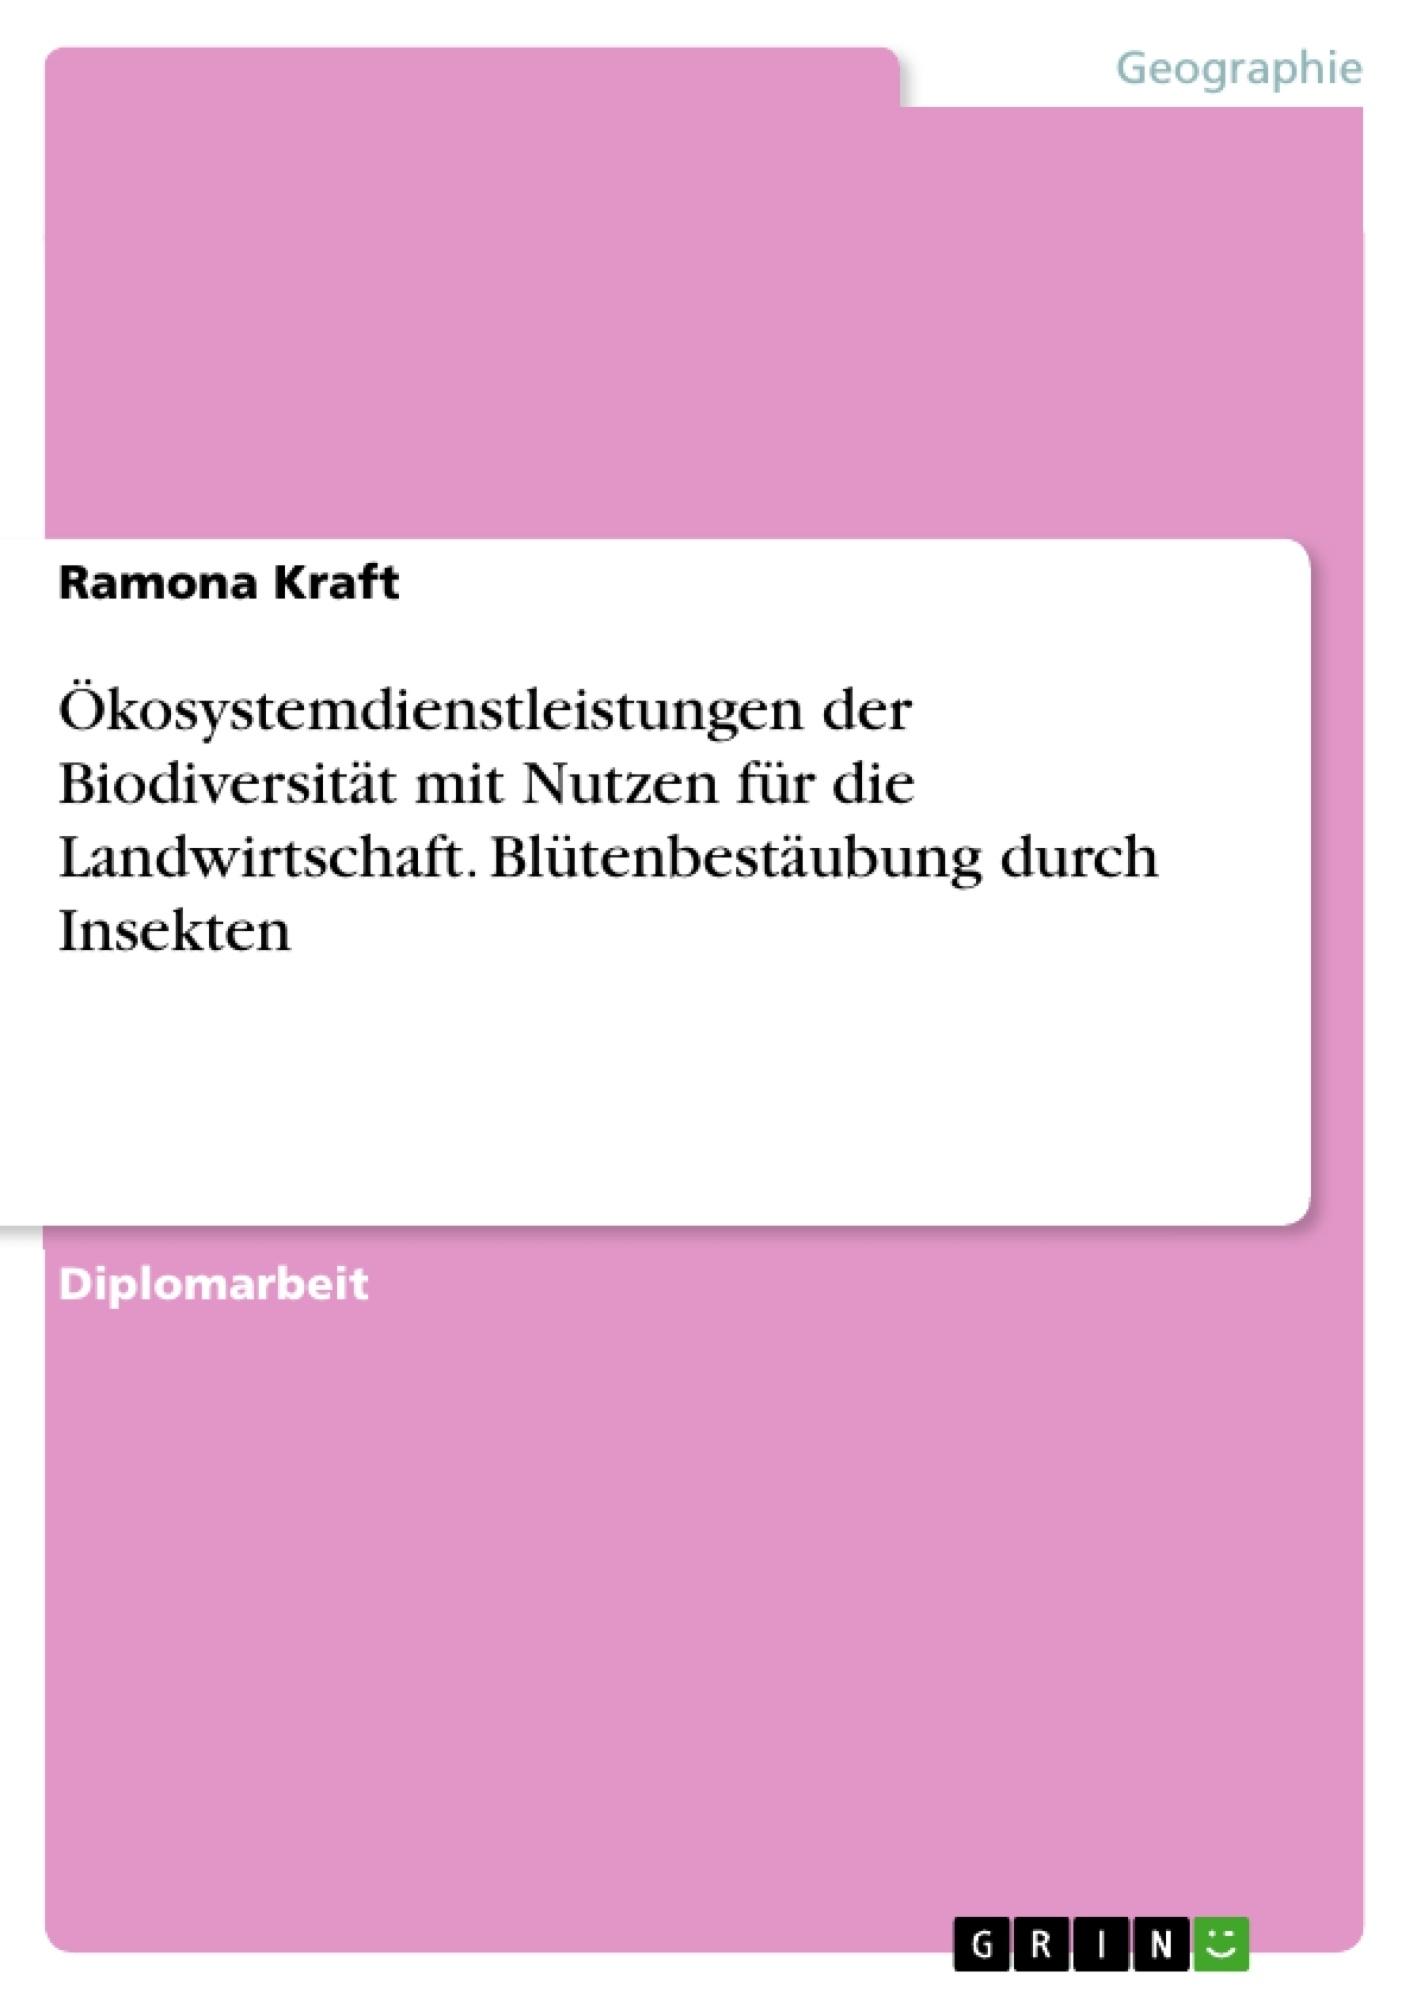 Titel: Ökosystemdienstleistungen der Biodiversität mit Nutzen für die Landwirtschaft. Blütenbestäubung durch Insekten